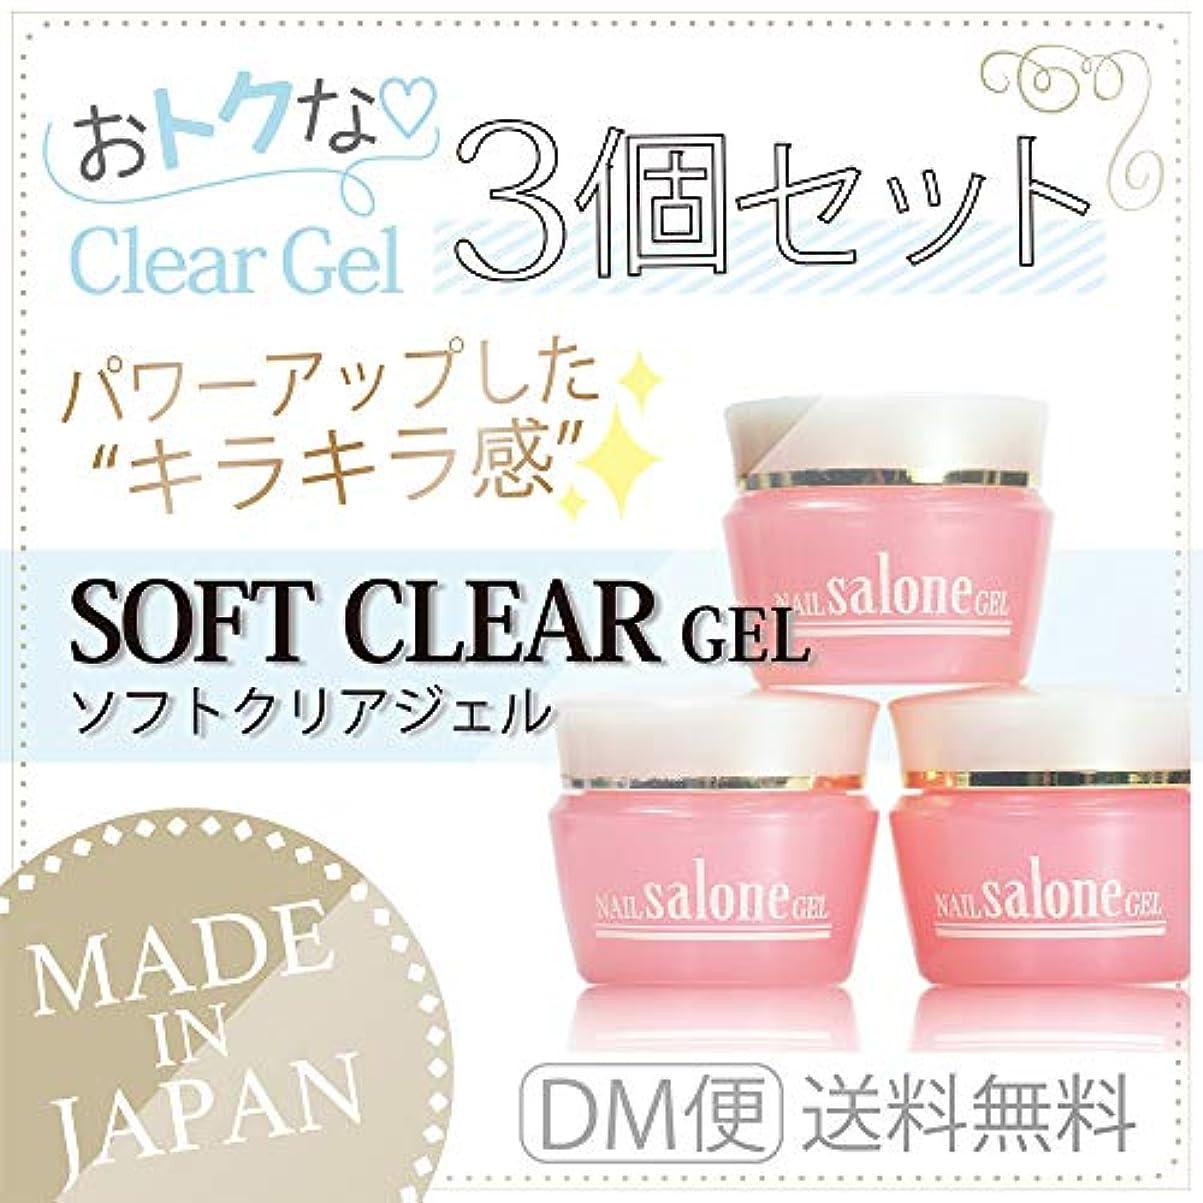 ブラザーマート割り込みSalone gel サローネ ソフトクリアージェル お得な3個セット ツヤツヤ キラキラ感持続 抜群のツヤ 爪に優しい日本製 3g